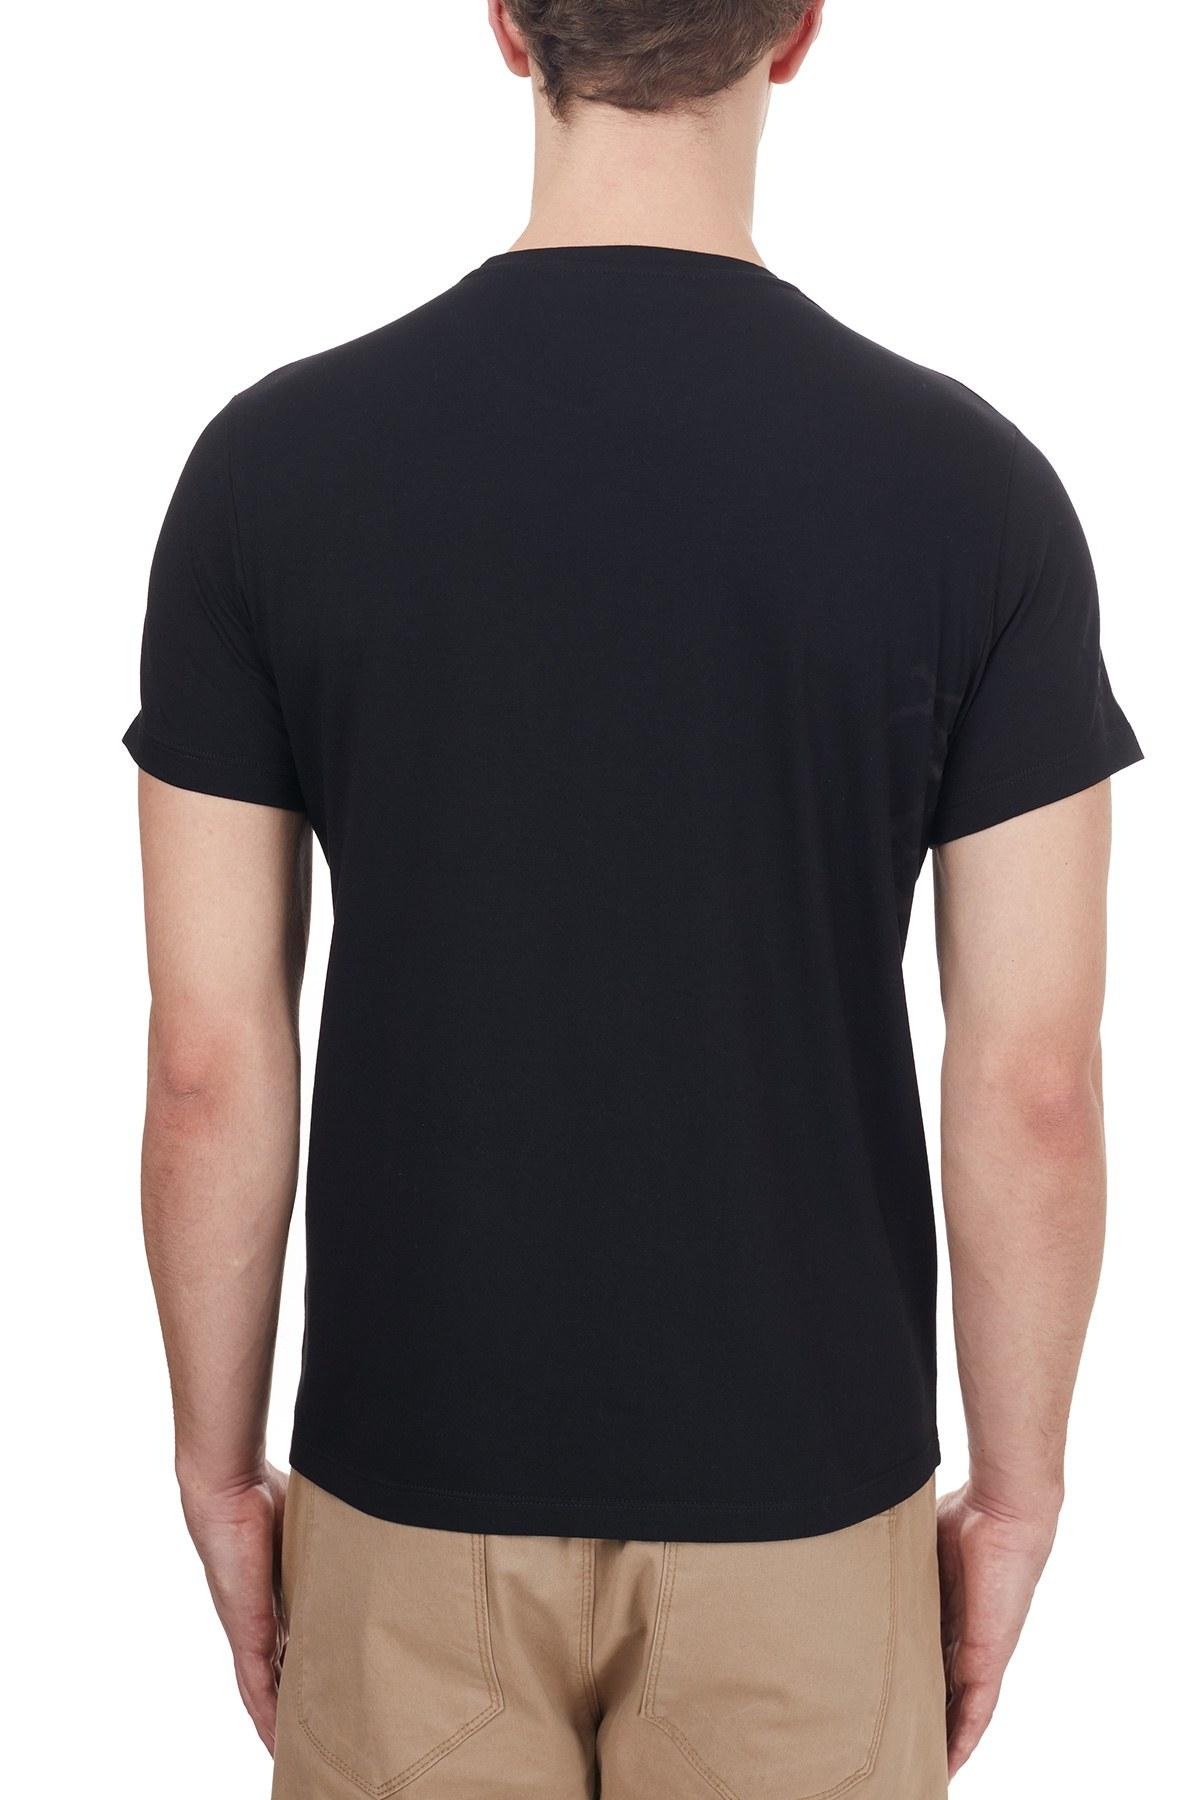 Etro % 100 Pamuklu Baskılı Bisiklet Yaka Erkek T Shirt 1Y020 97580 001 SİYAH